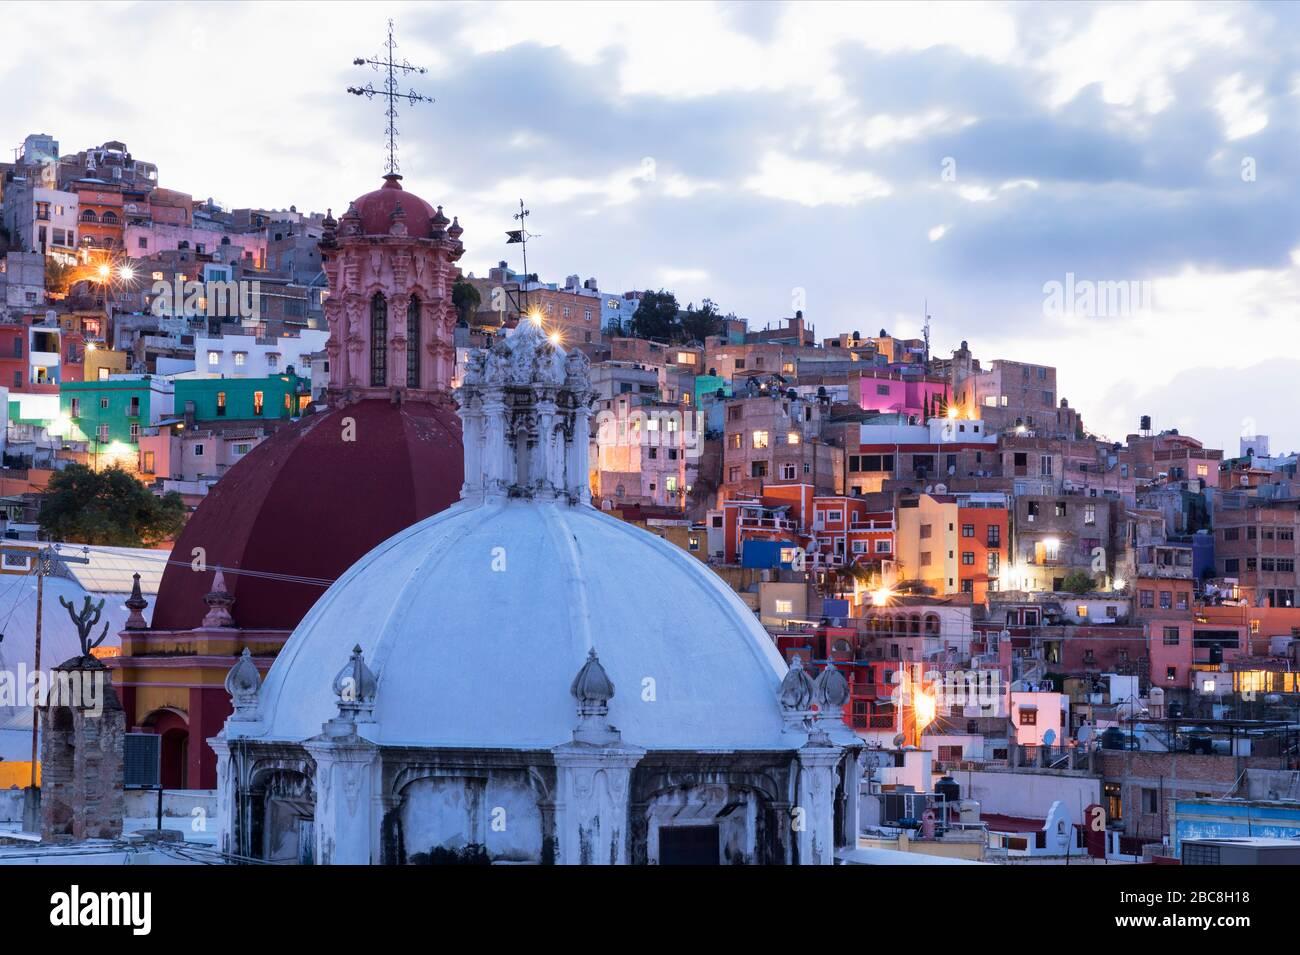 Mexique, État de Guanajuato, Guanajuato, vue sur la ville colorée Banque D'Images